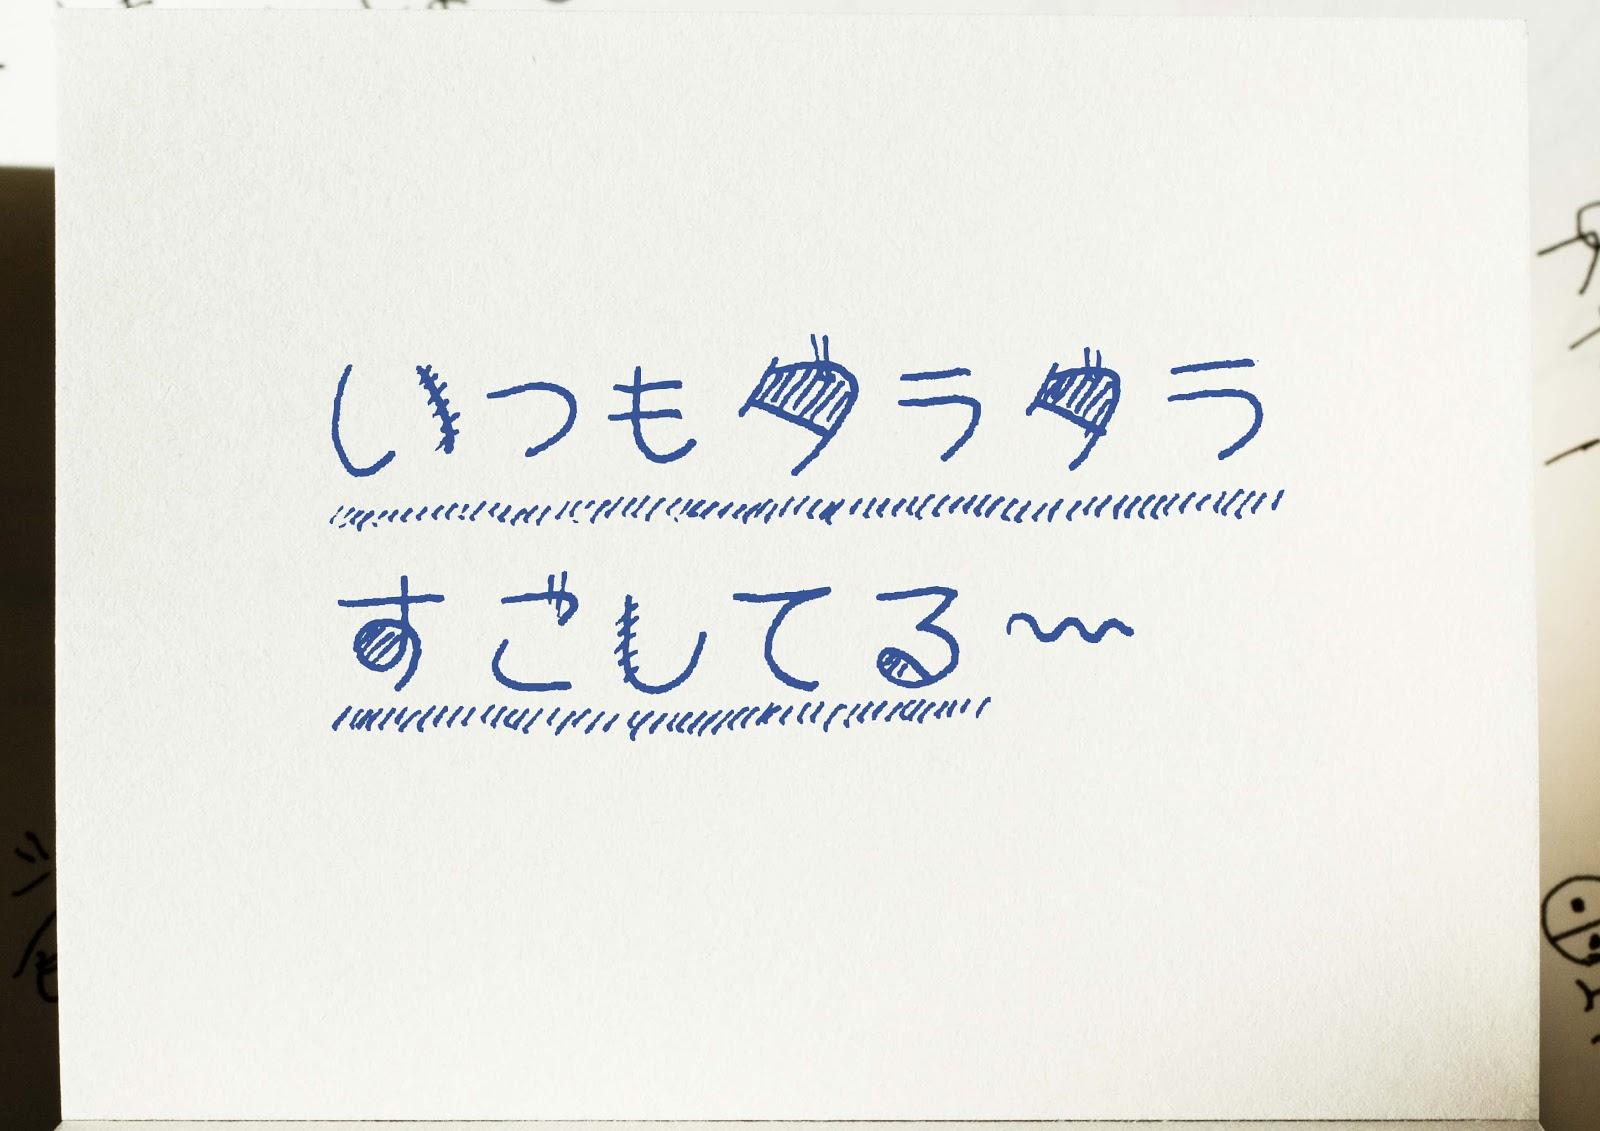 デコ文字とプチイラストの書き方見本と素材 , DIY集客tips